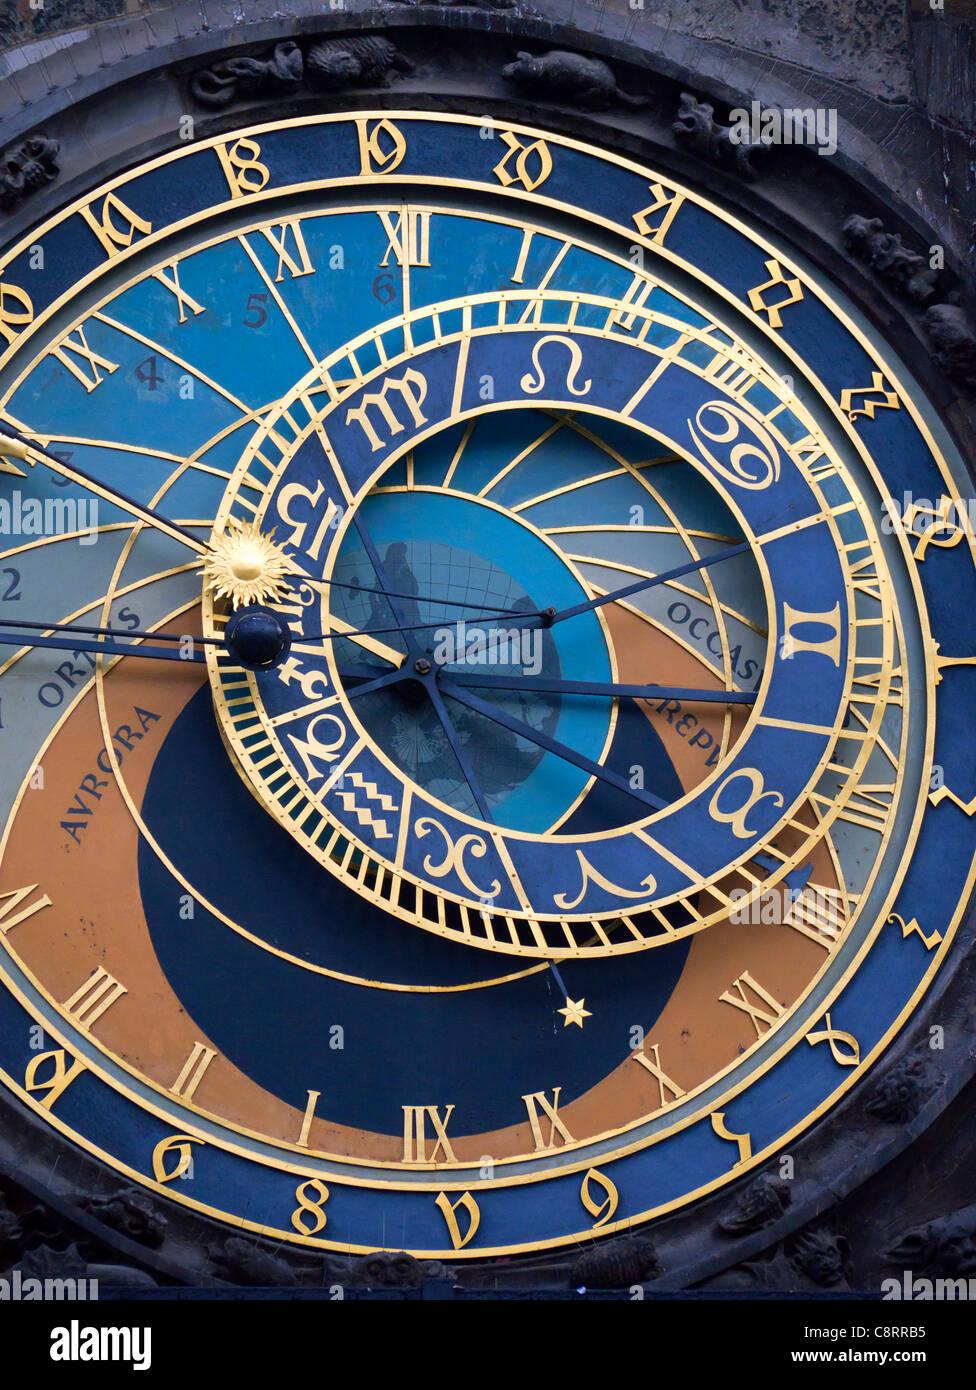 Detalle de la cara del reloj astronómico en el town hall de Staromestske namesti o Plaza de la Ciudad Vieja Imagen De Stock